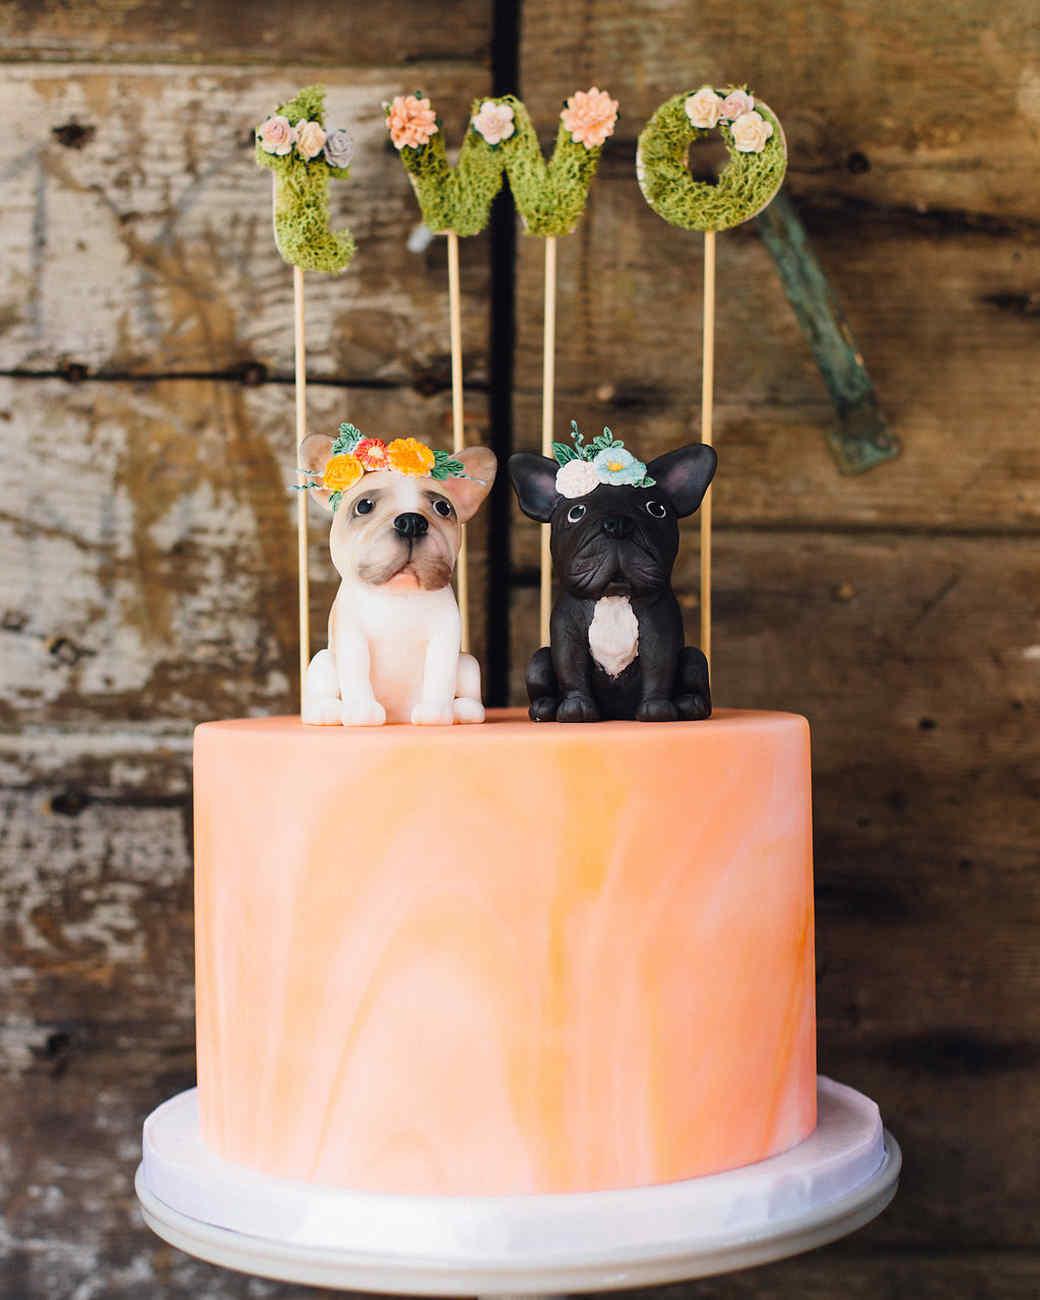 frenchie-birthday-party-8-0218